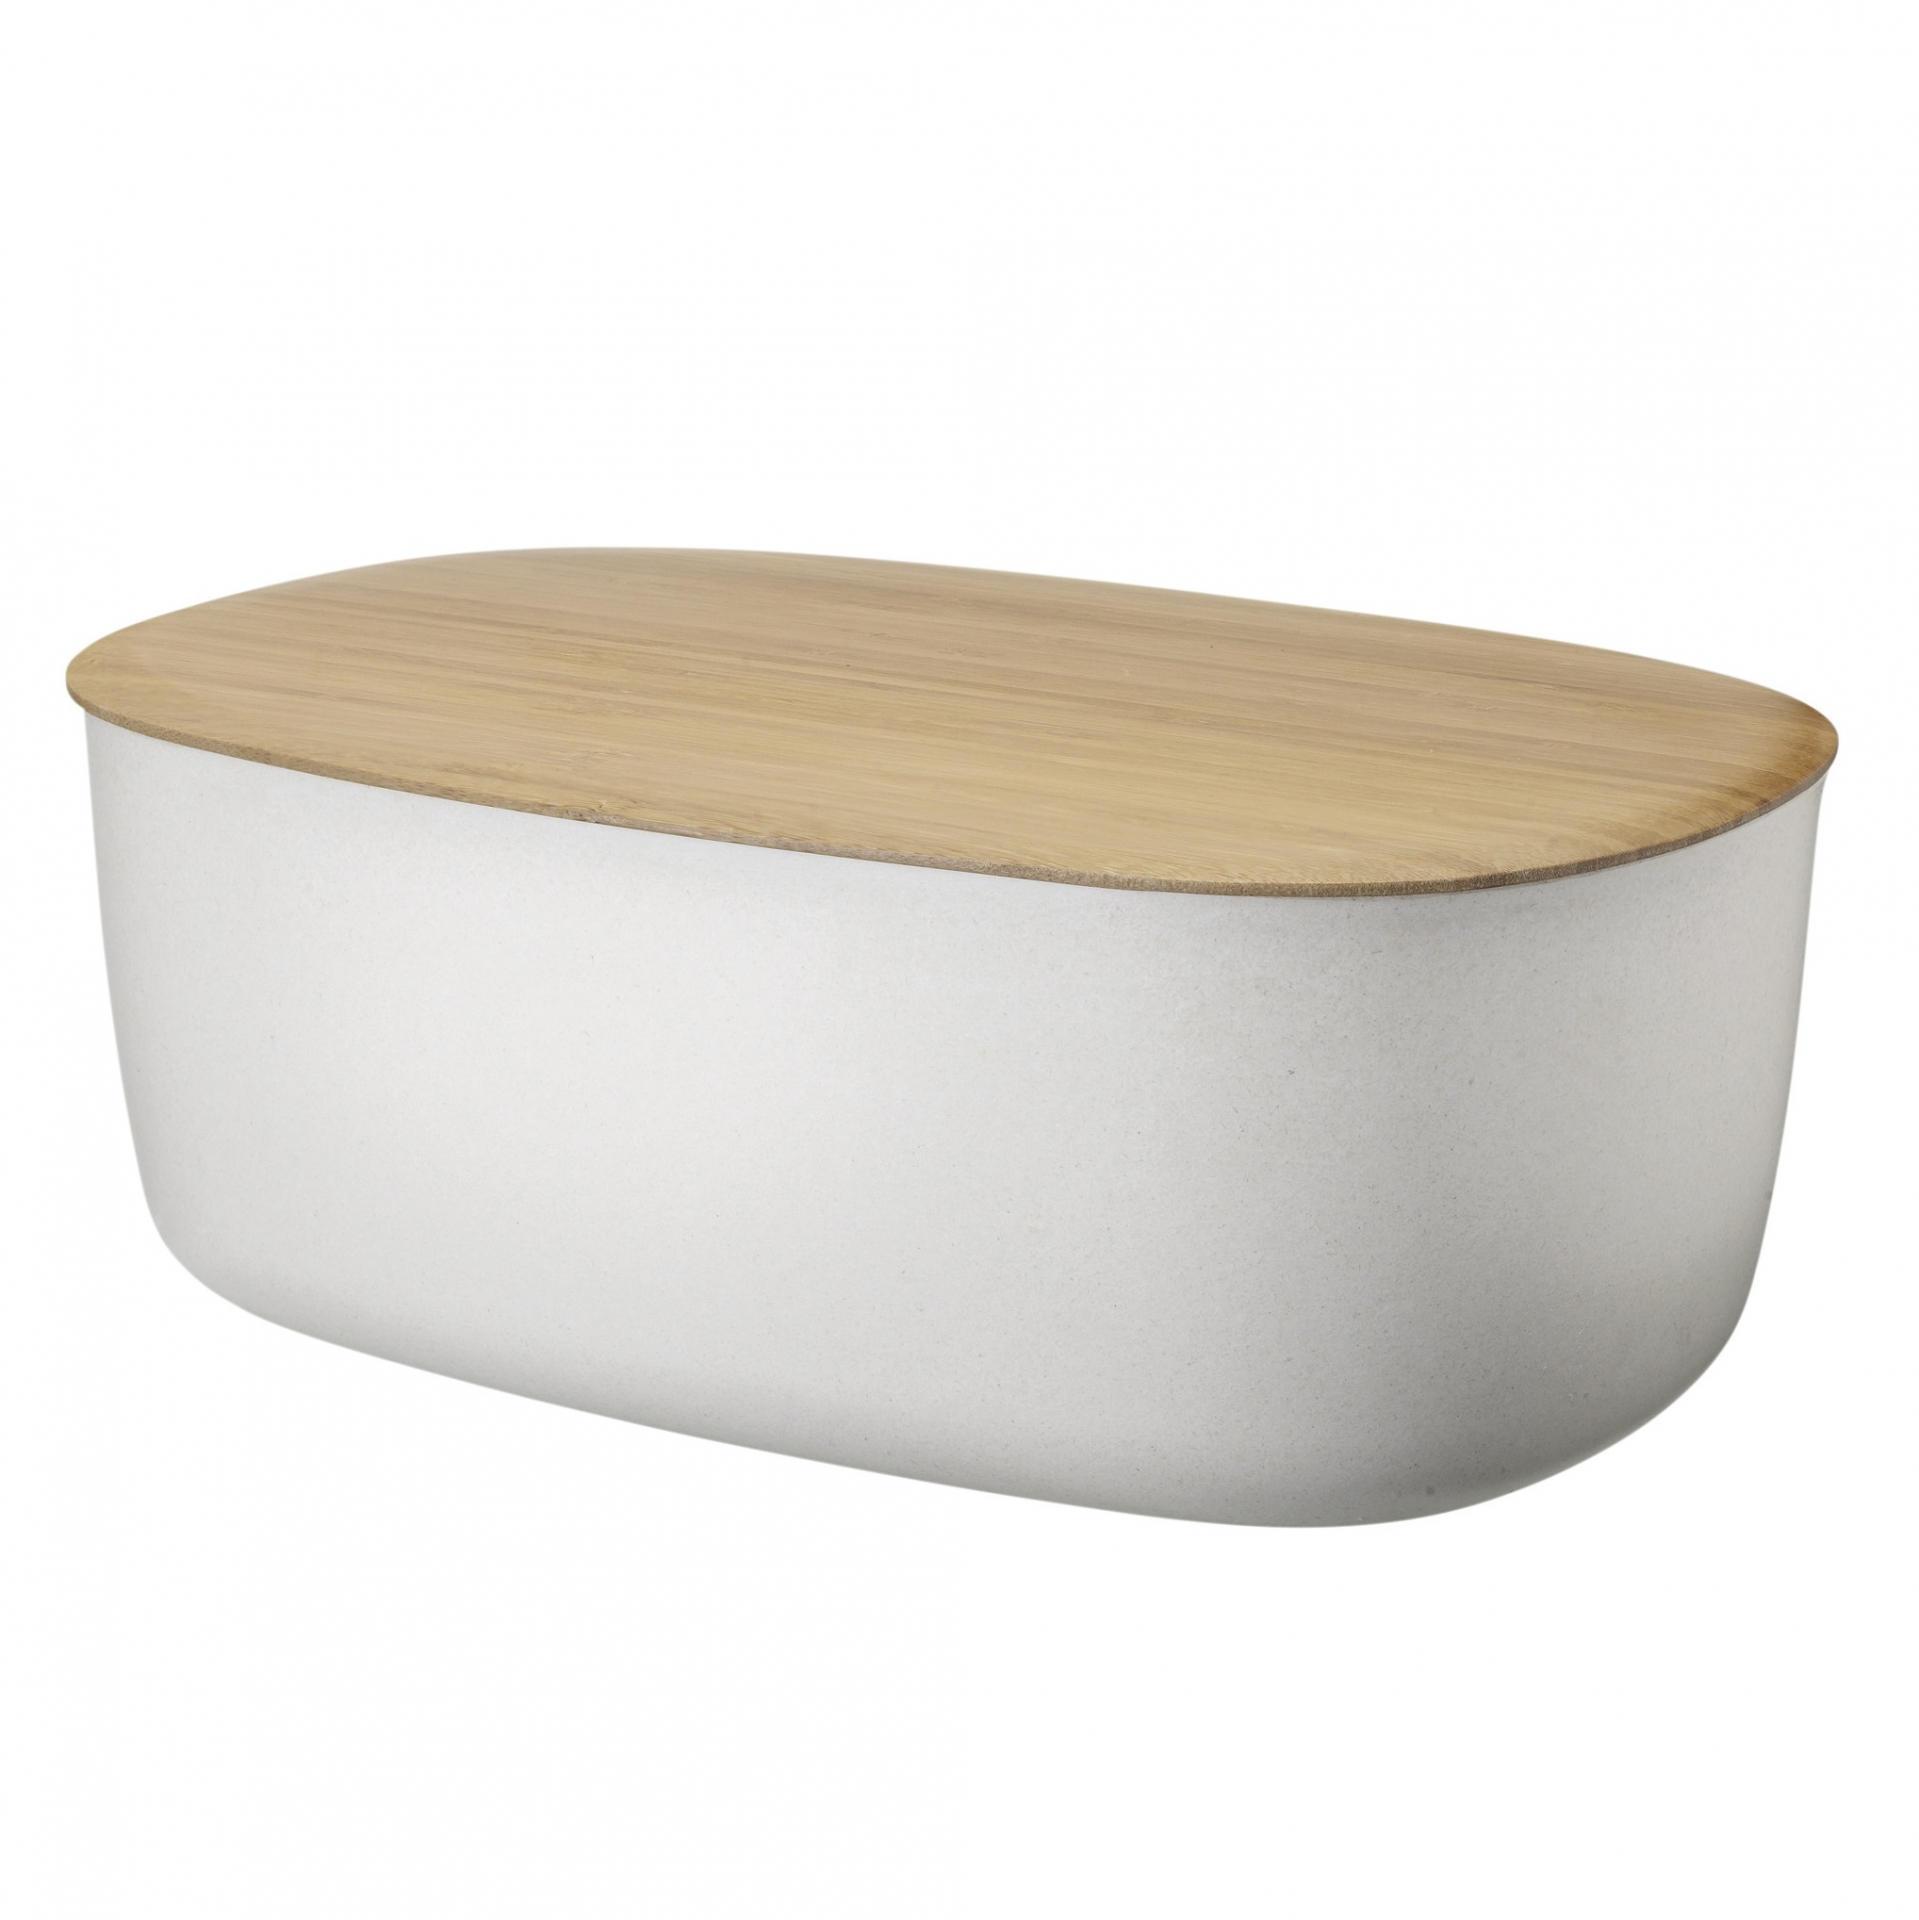 RIG-TIG Melaminový chlebník Box-it White, bílá barva, melamin